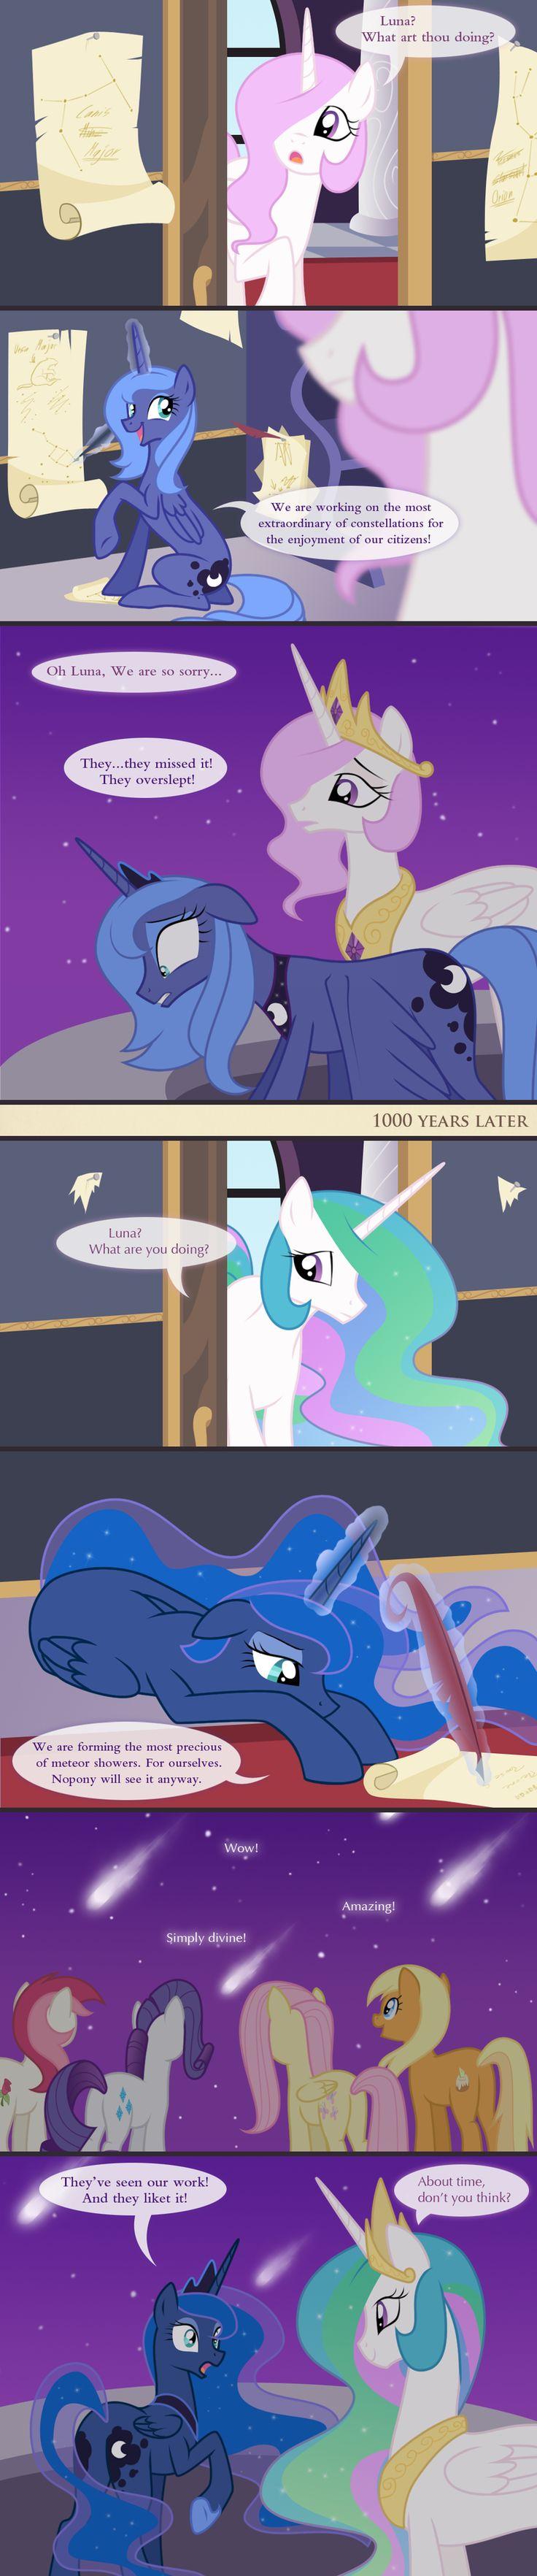 Poor Luna, she gets little love.